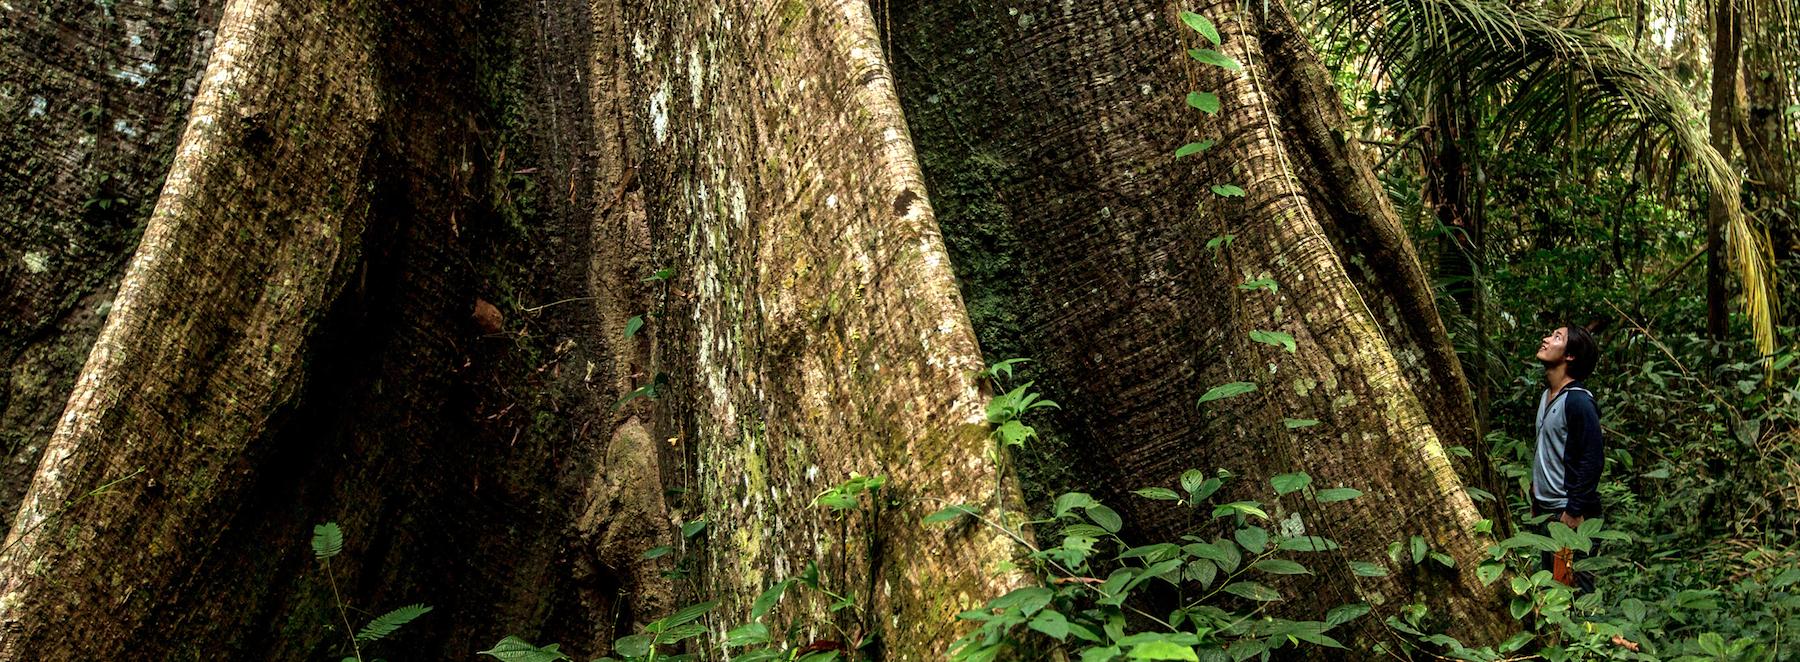 Le livre du mois : Ecoute l'arbre et la feuille, de David G. Haskell